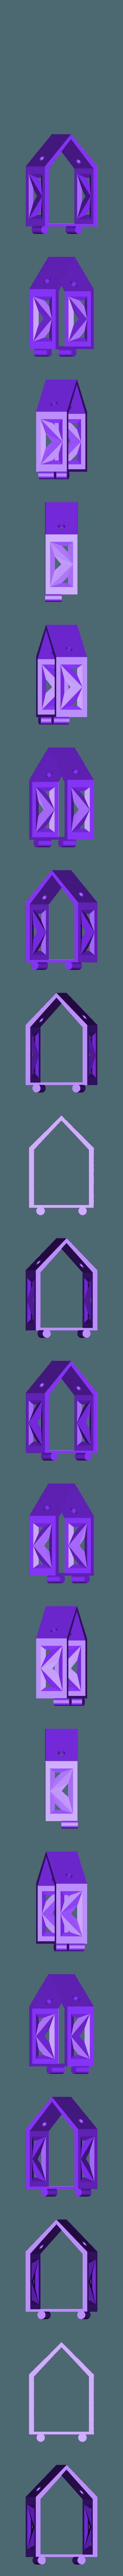 corner_floating_photo_frame_.stl Télécharger fichier STL gratuit Floating photo frame for wall angle • Design à imprimer en 3D, Barbe_Iturique